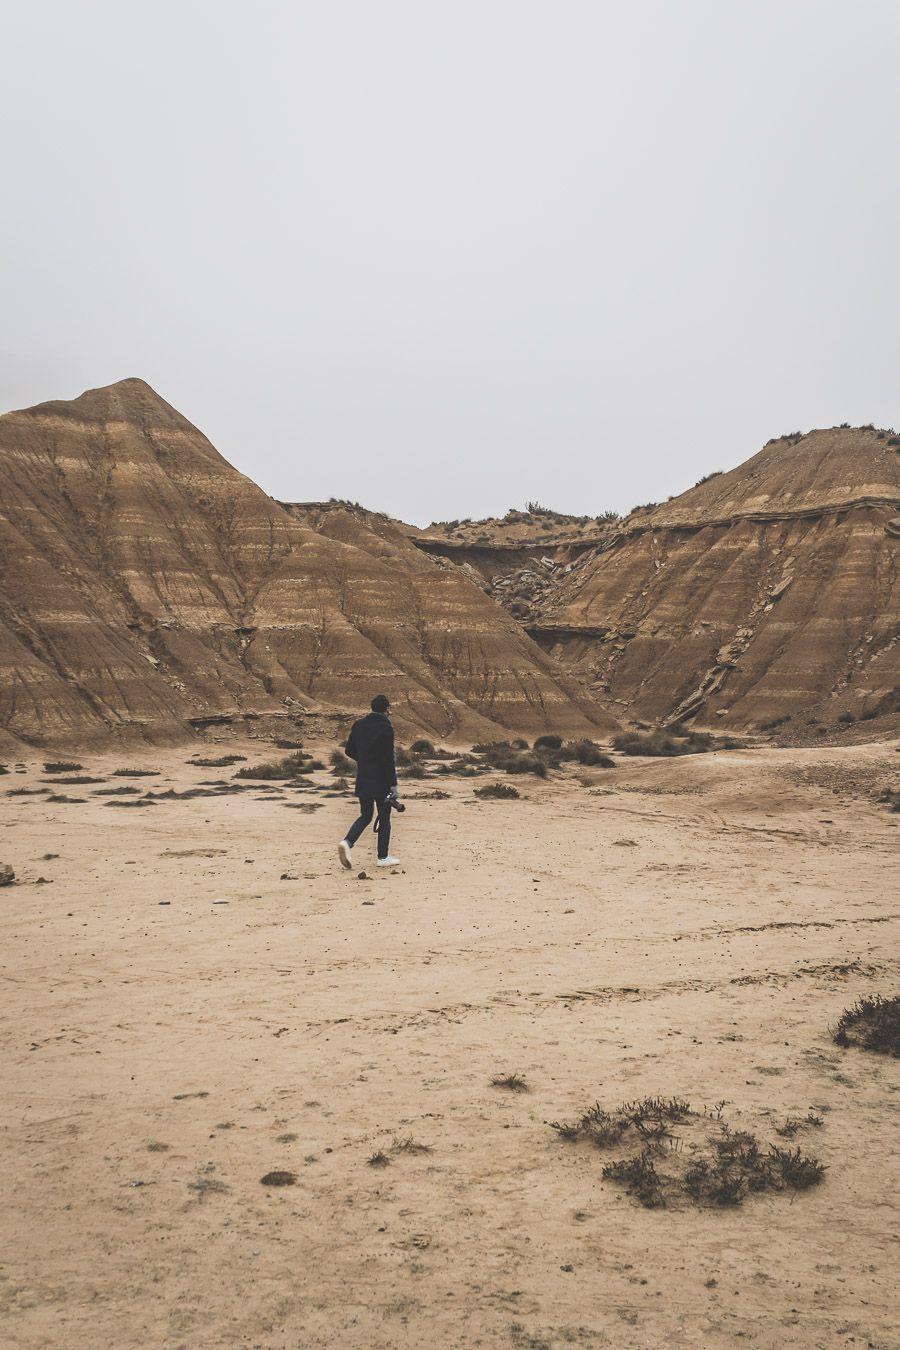 désert des Bardenas Reales